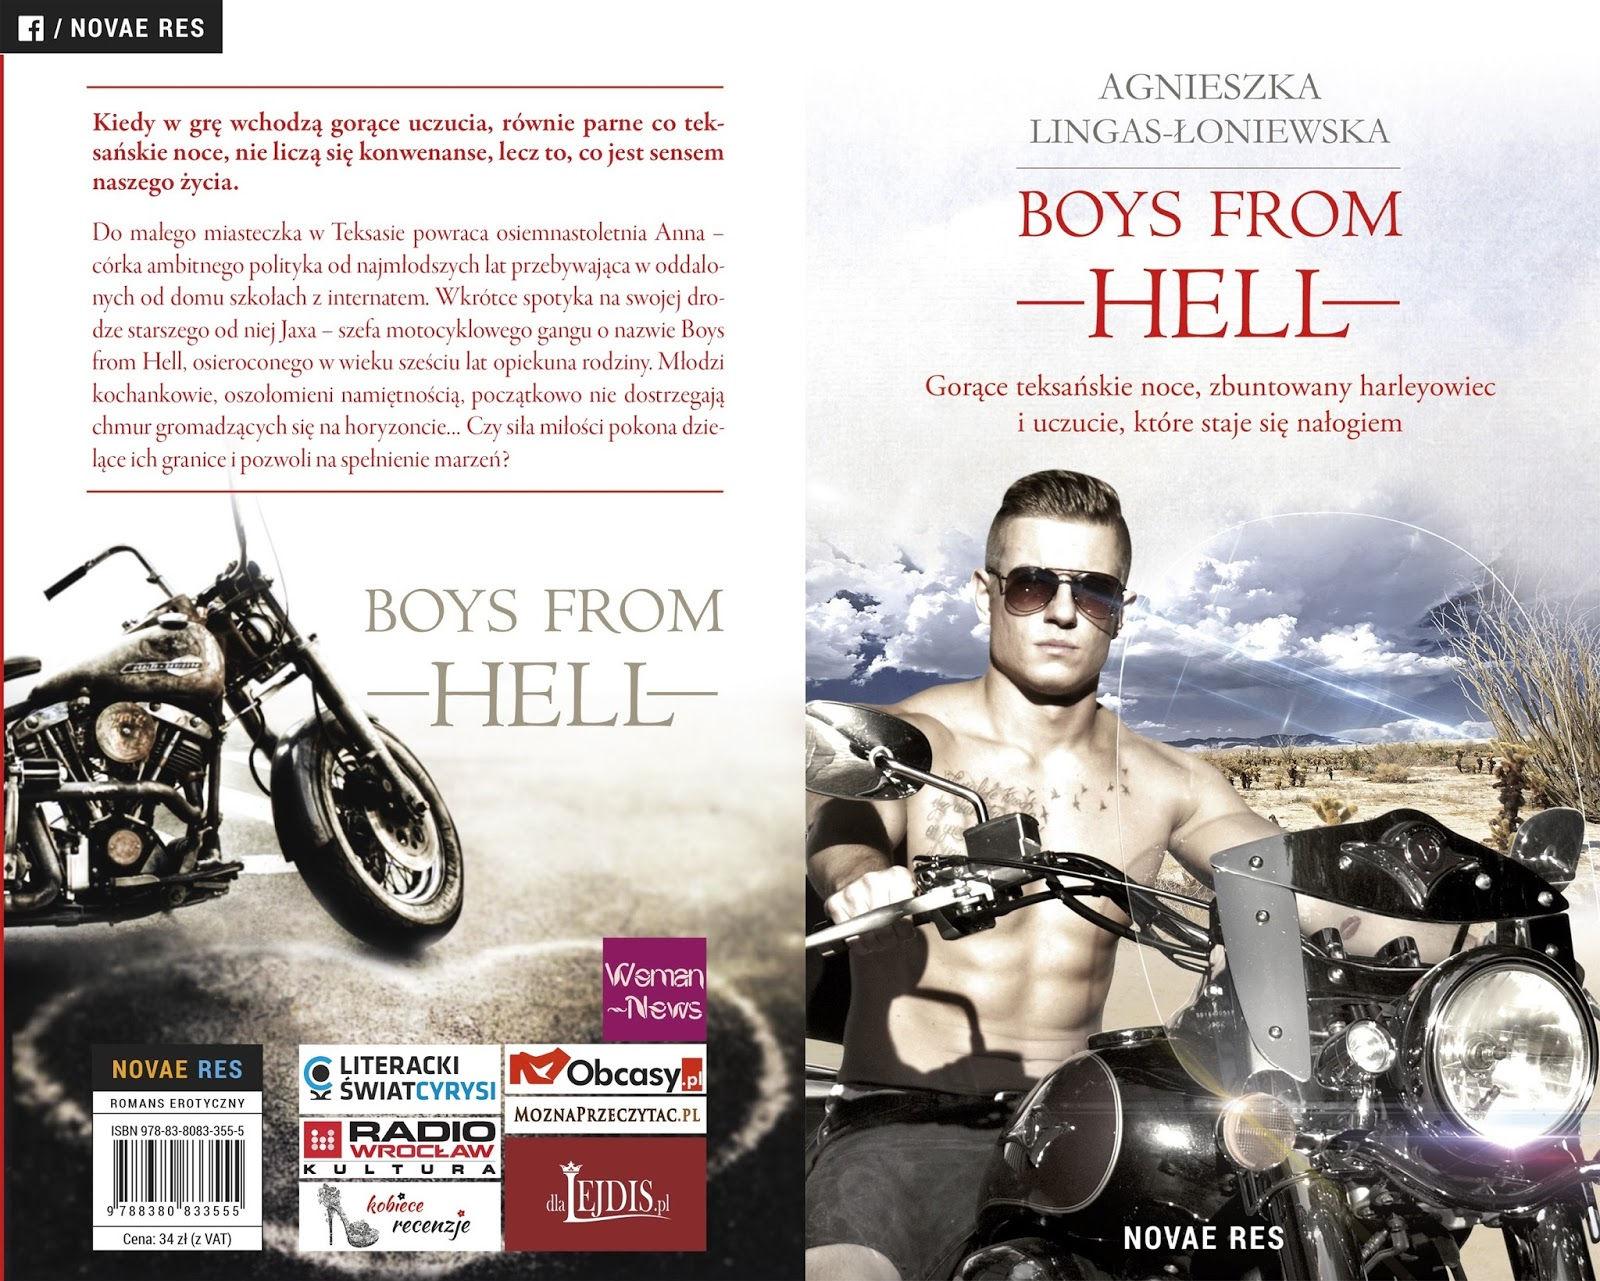 Boys from hell - patronat MoznaPrzeczytac.pl